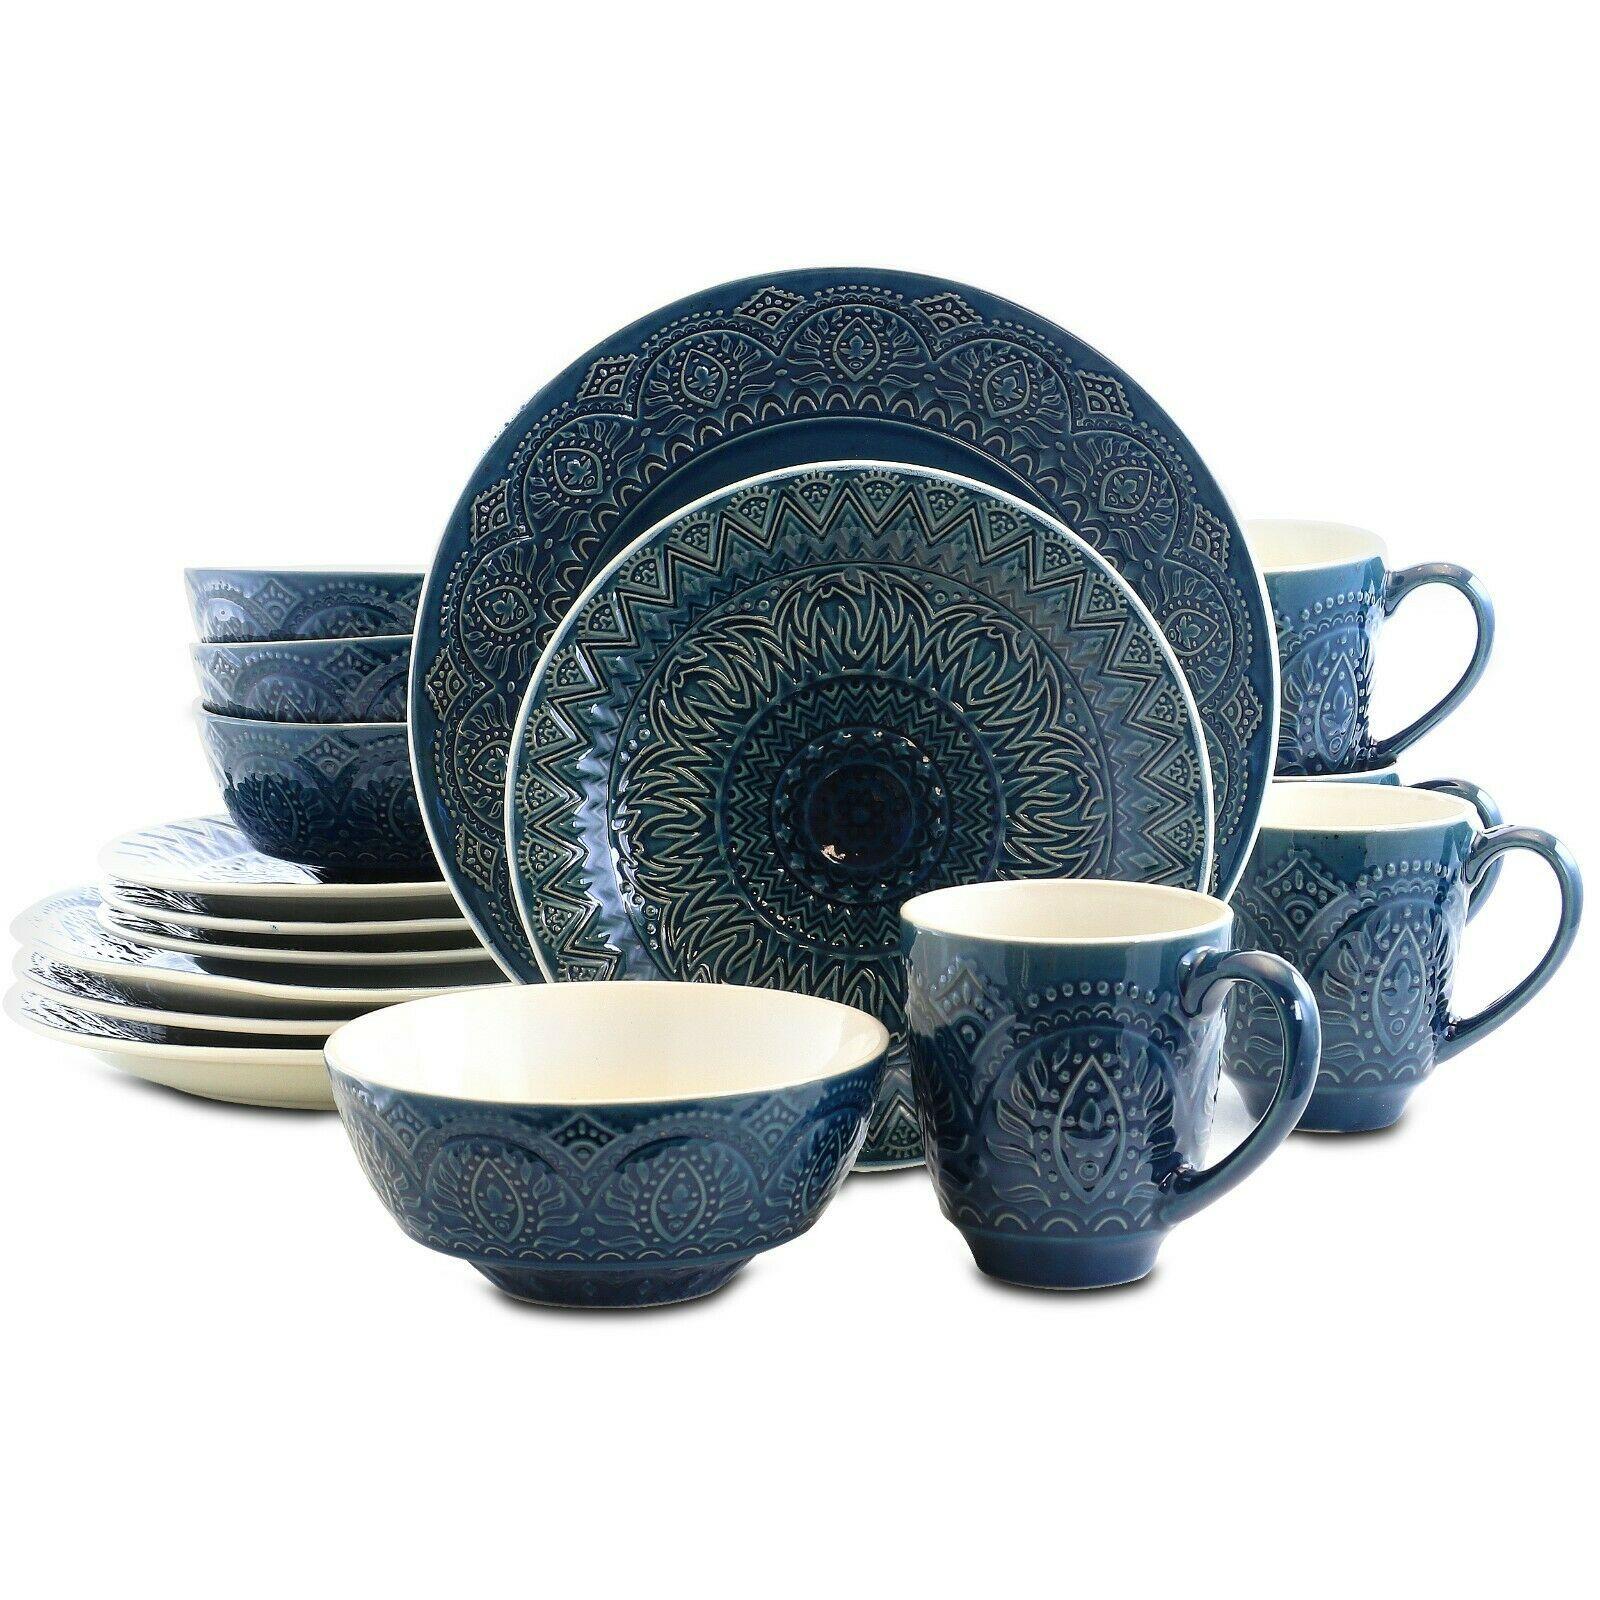 Elamas Petra 16 Piece Stoneware Dinnerware Set Dinnerware Ideas Of Dinnerware Dinnerware In 2020 Stoneware Dinnerware Stoneware Dinnerware Sets Dinnerware Set